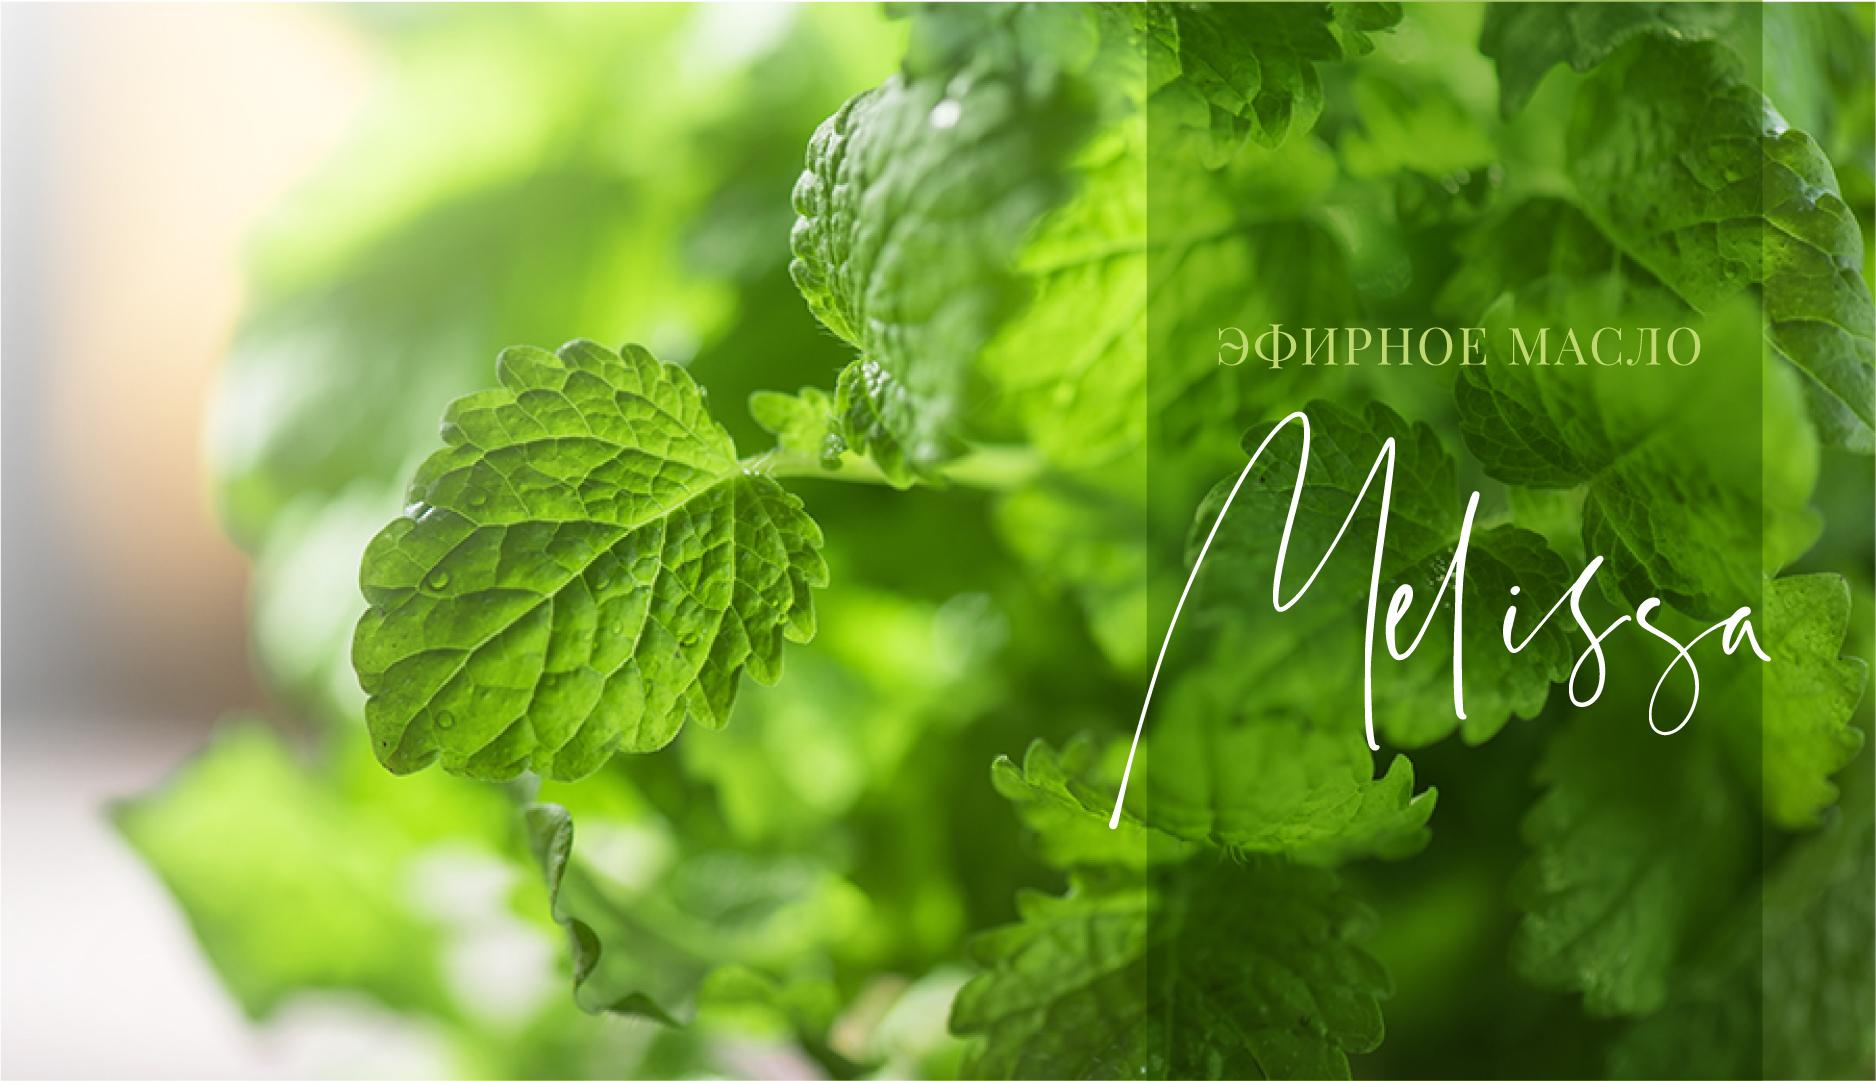 Melissa essential oil - это роскошное масло для разнообразного применения. Оно поддерживает здоровье кожи, хорошее самочувствие и имеет множество других преимуществ. Ознакомьтесь с данной статьей и узнайте больше!